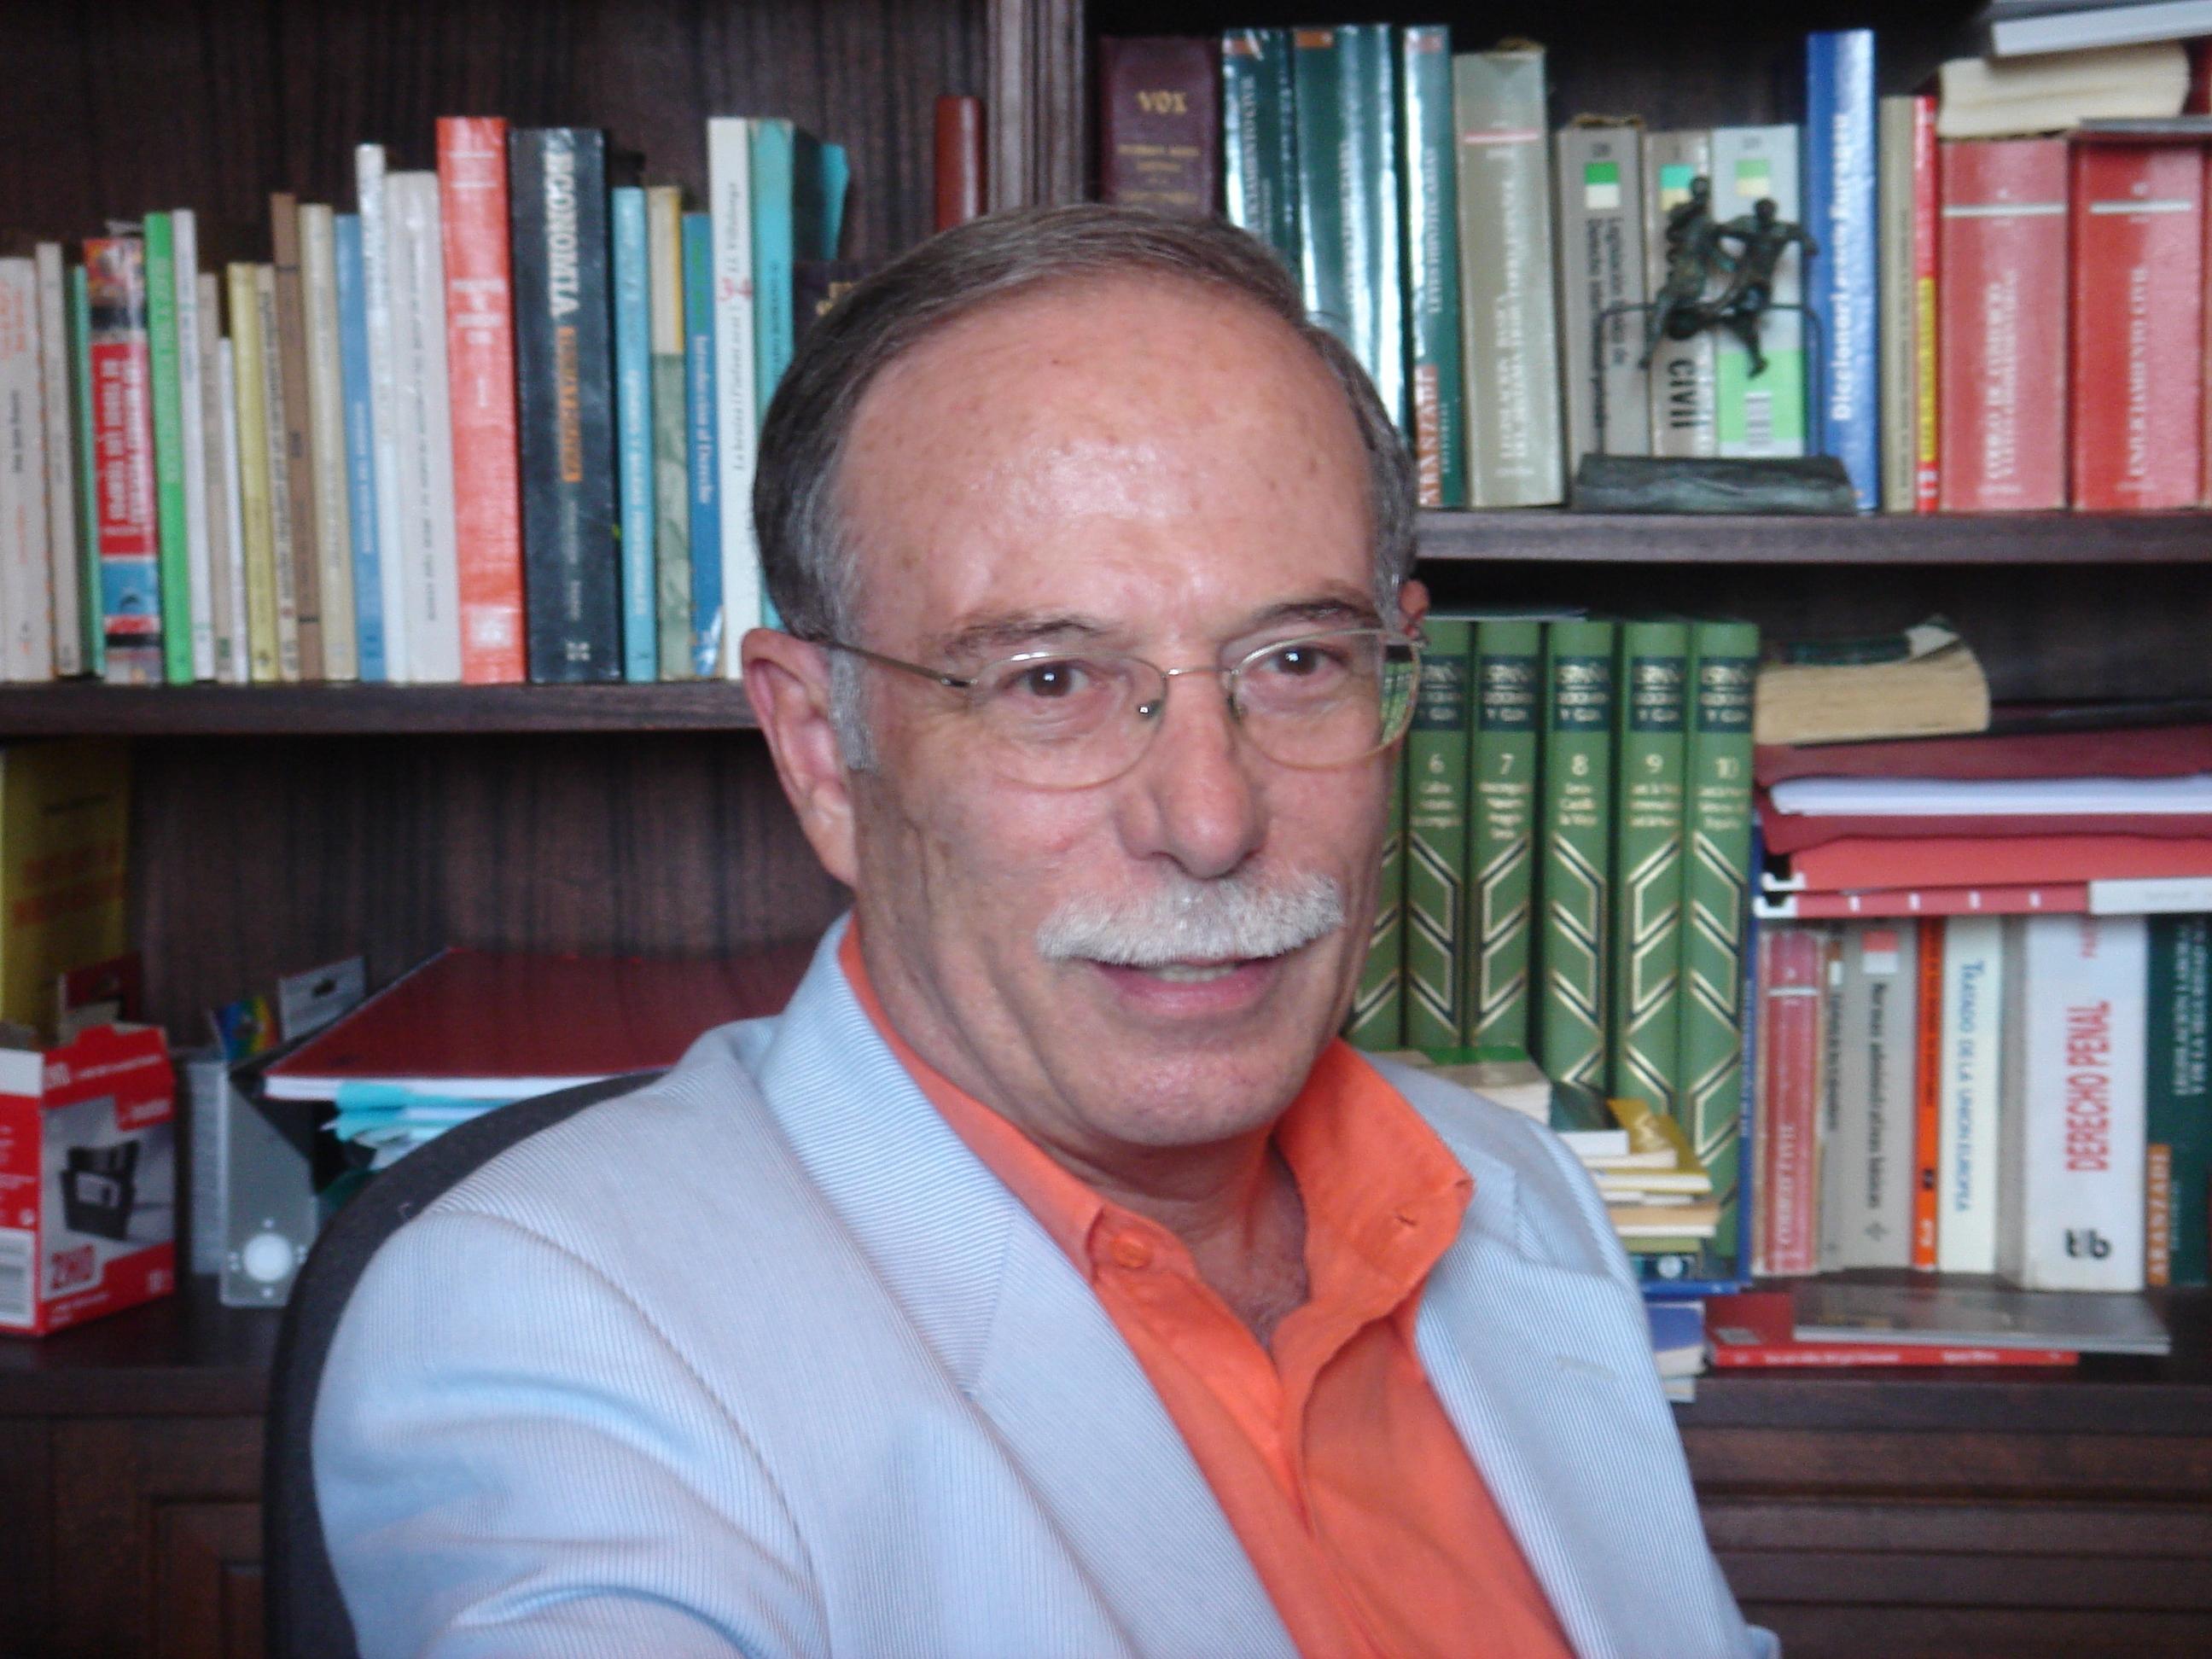 Antonio Mallorca Profesora De Ruso antoni vidal ferrando - wikipedia, la enciclopedia libre